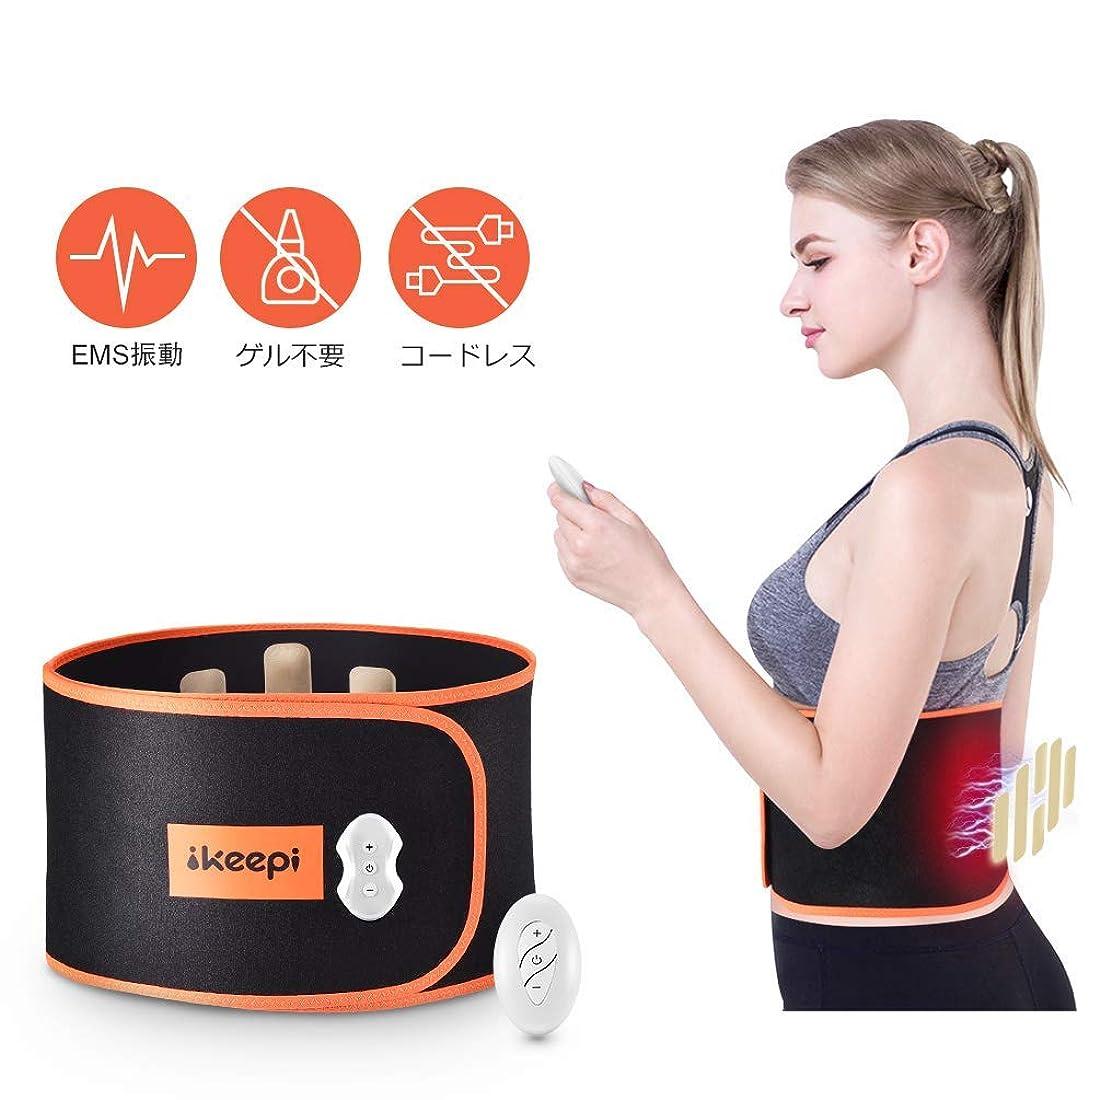 故国リーチオーストラリアEMS 腰痛ベルト サポーター 腰用 腹筋  コードレス 腰椎固定 USB充電 姿勢矯正 男女兼用 日本語説明書付